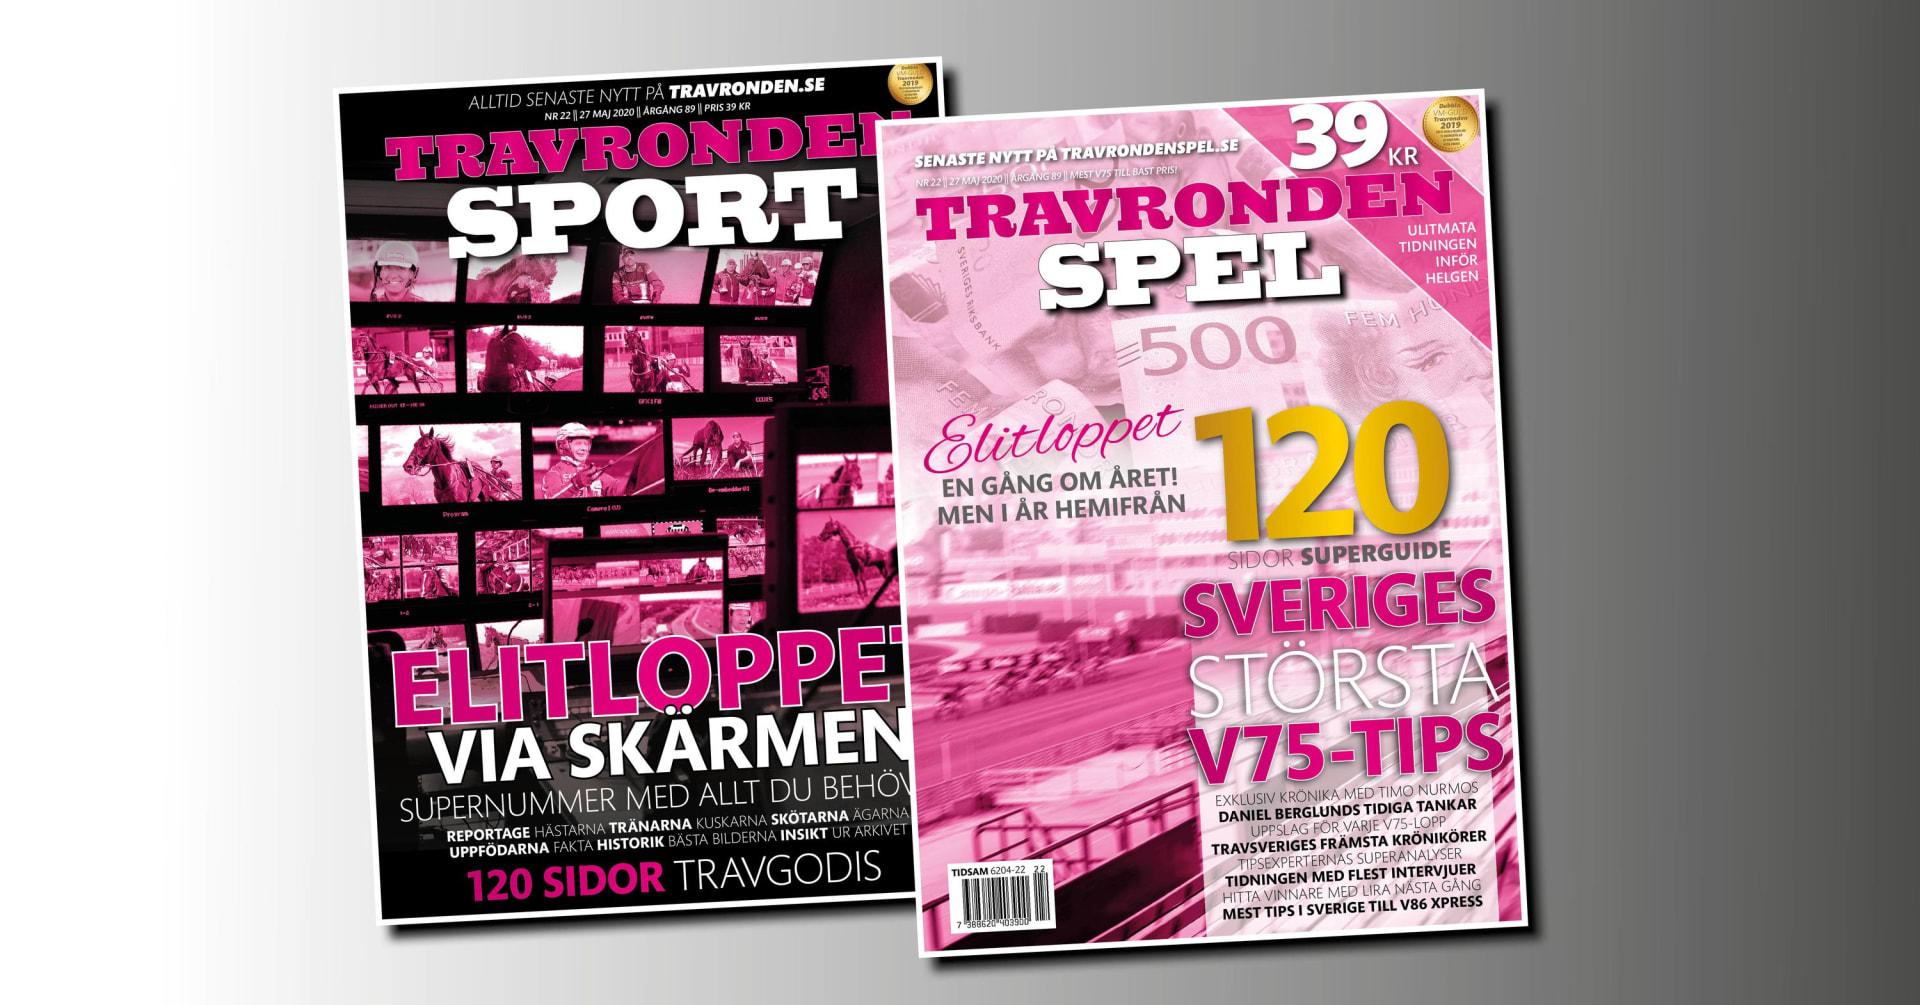 Nya nummer av Travronden Sport och Spel ute